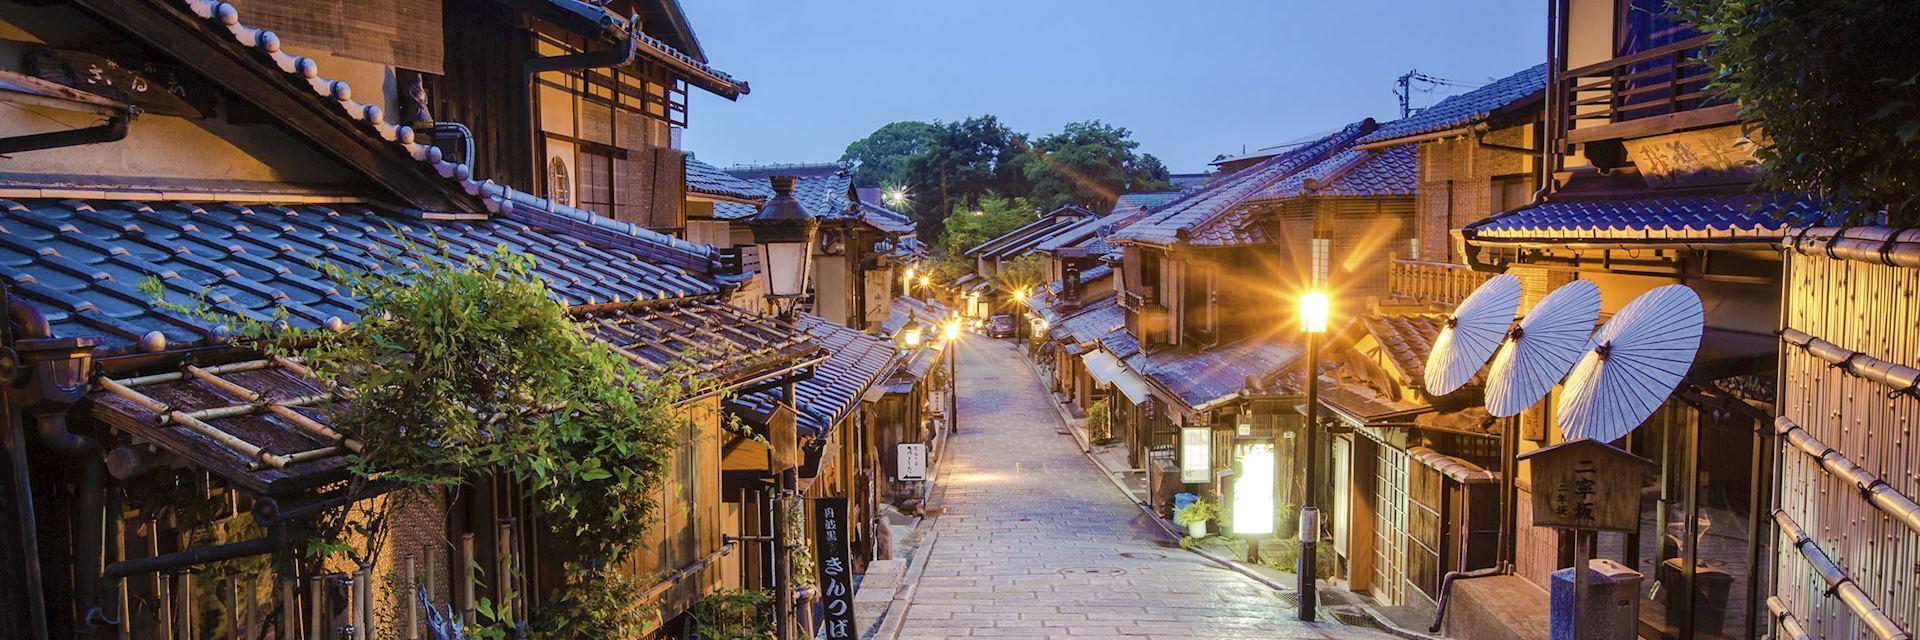 Kyoto at dusk